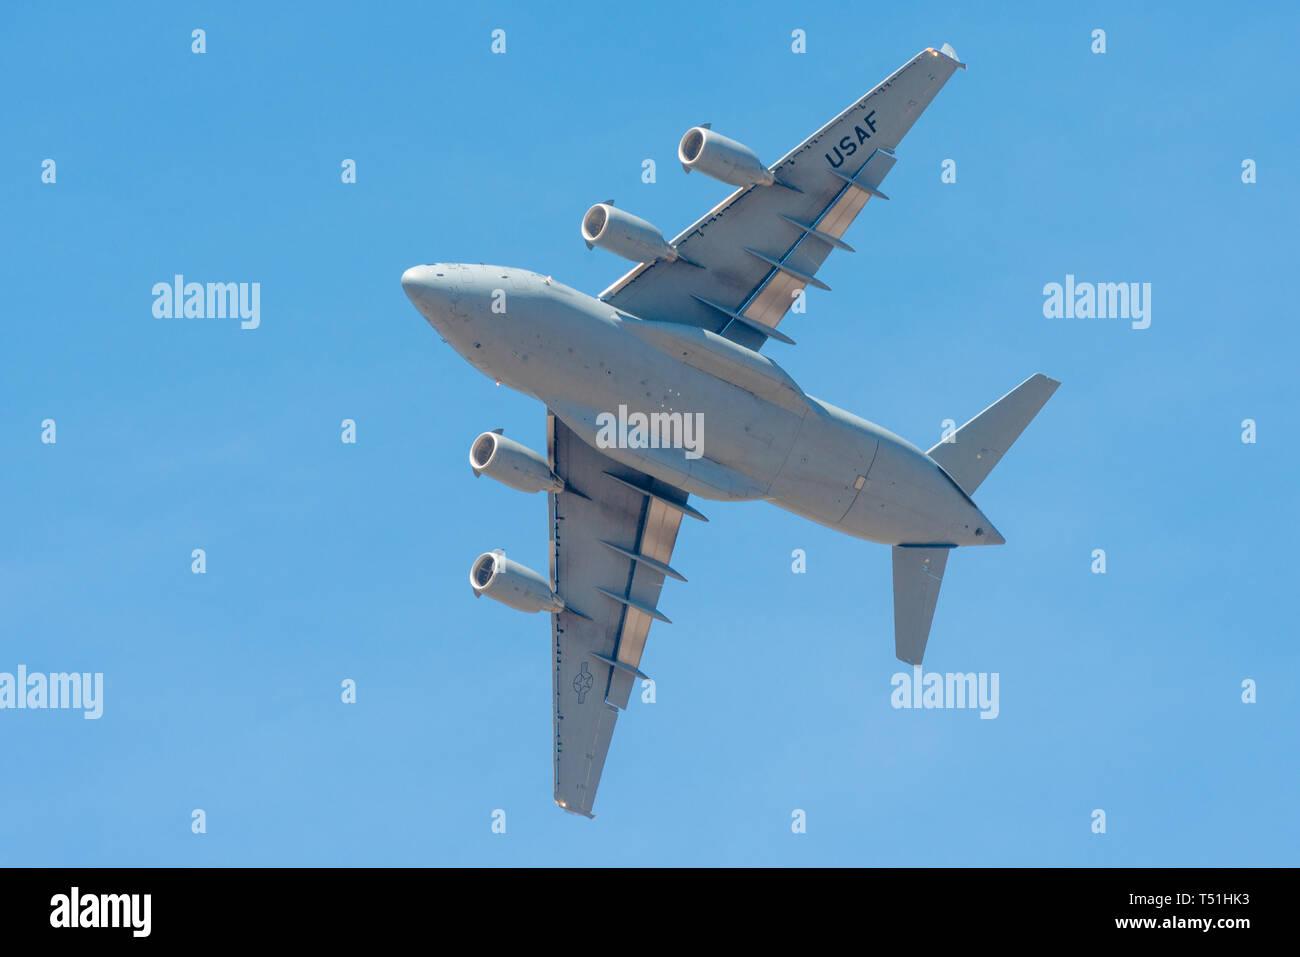 Bengaluru, India - February 22, 2019: US Air Force Boeing Globemaster C-17 flying at the Aero India 2019 exhibition in Bangalore, India. Aero India is - Stock Image